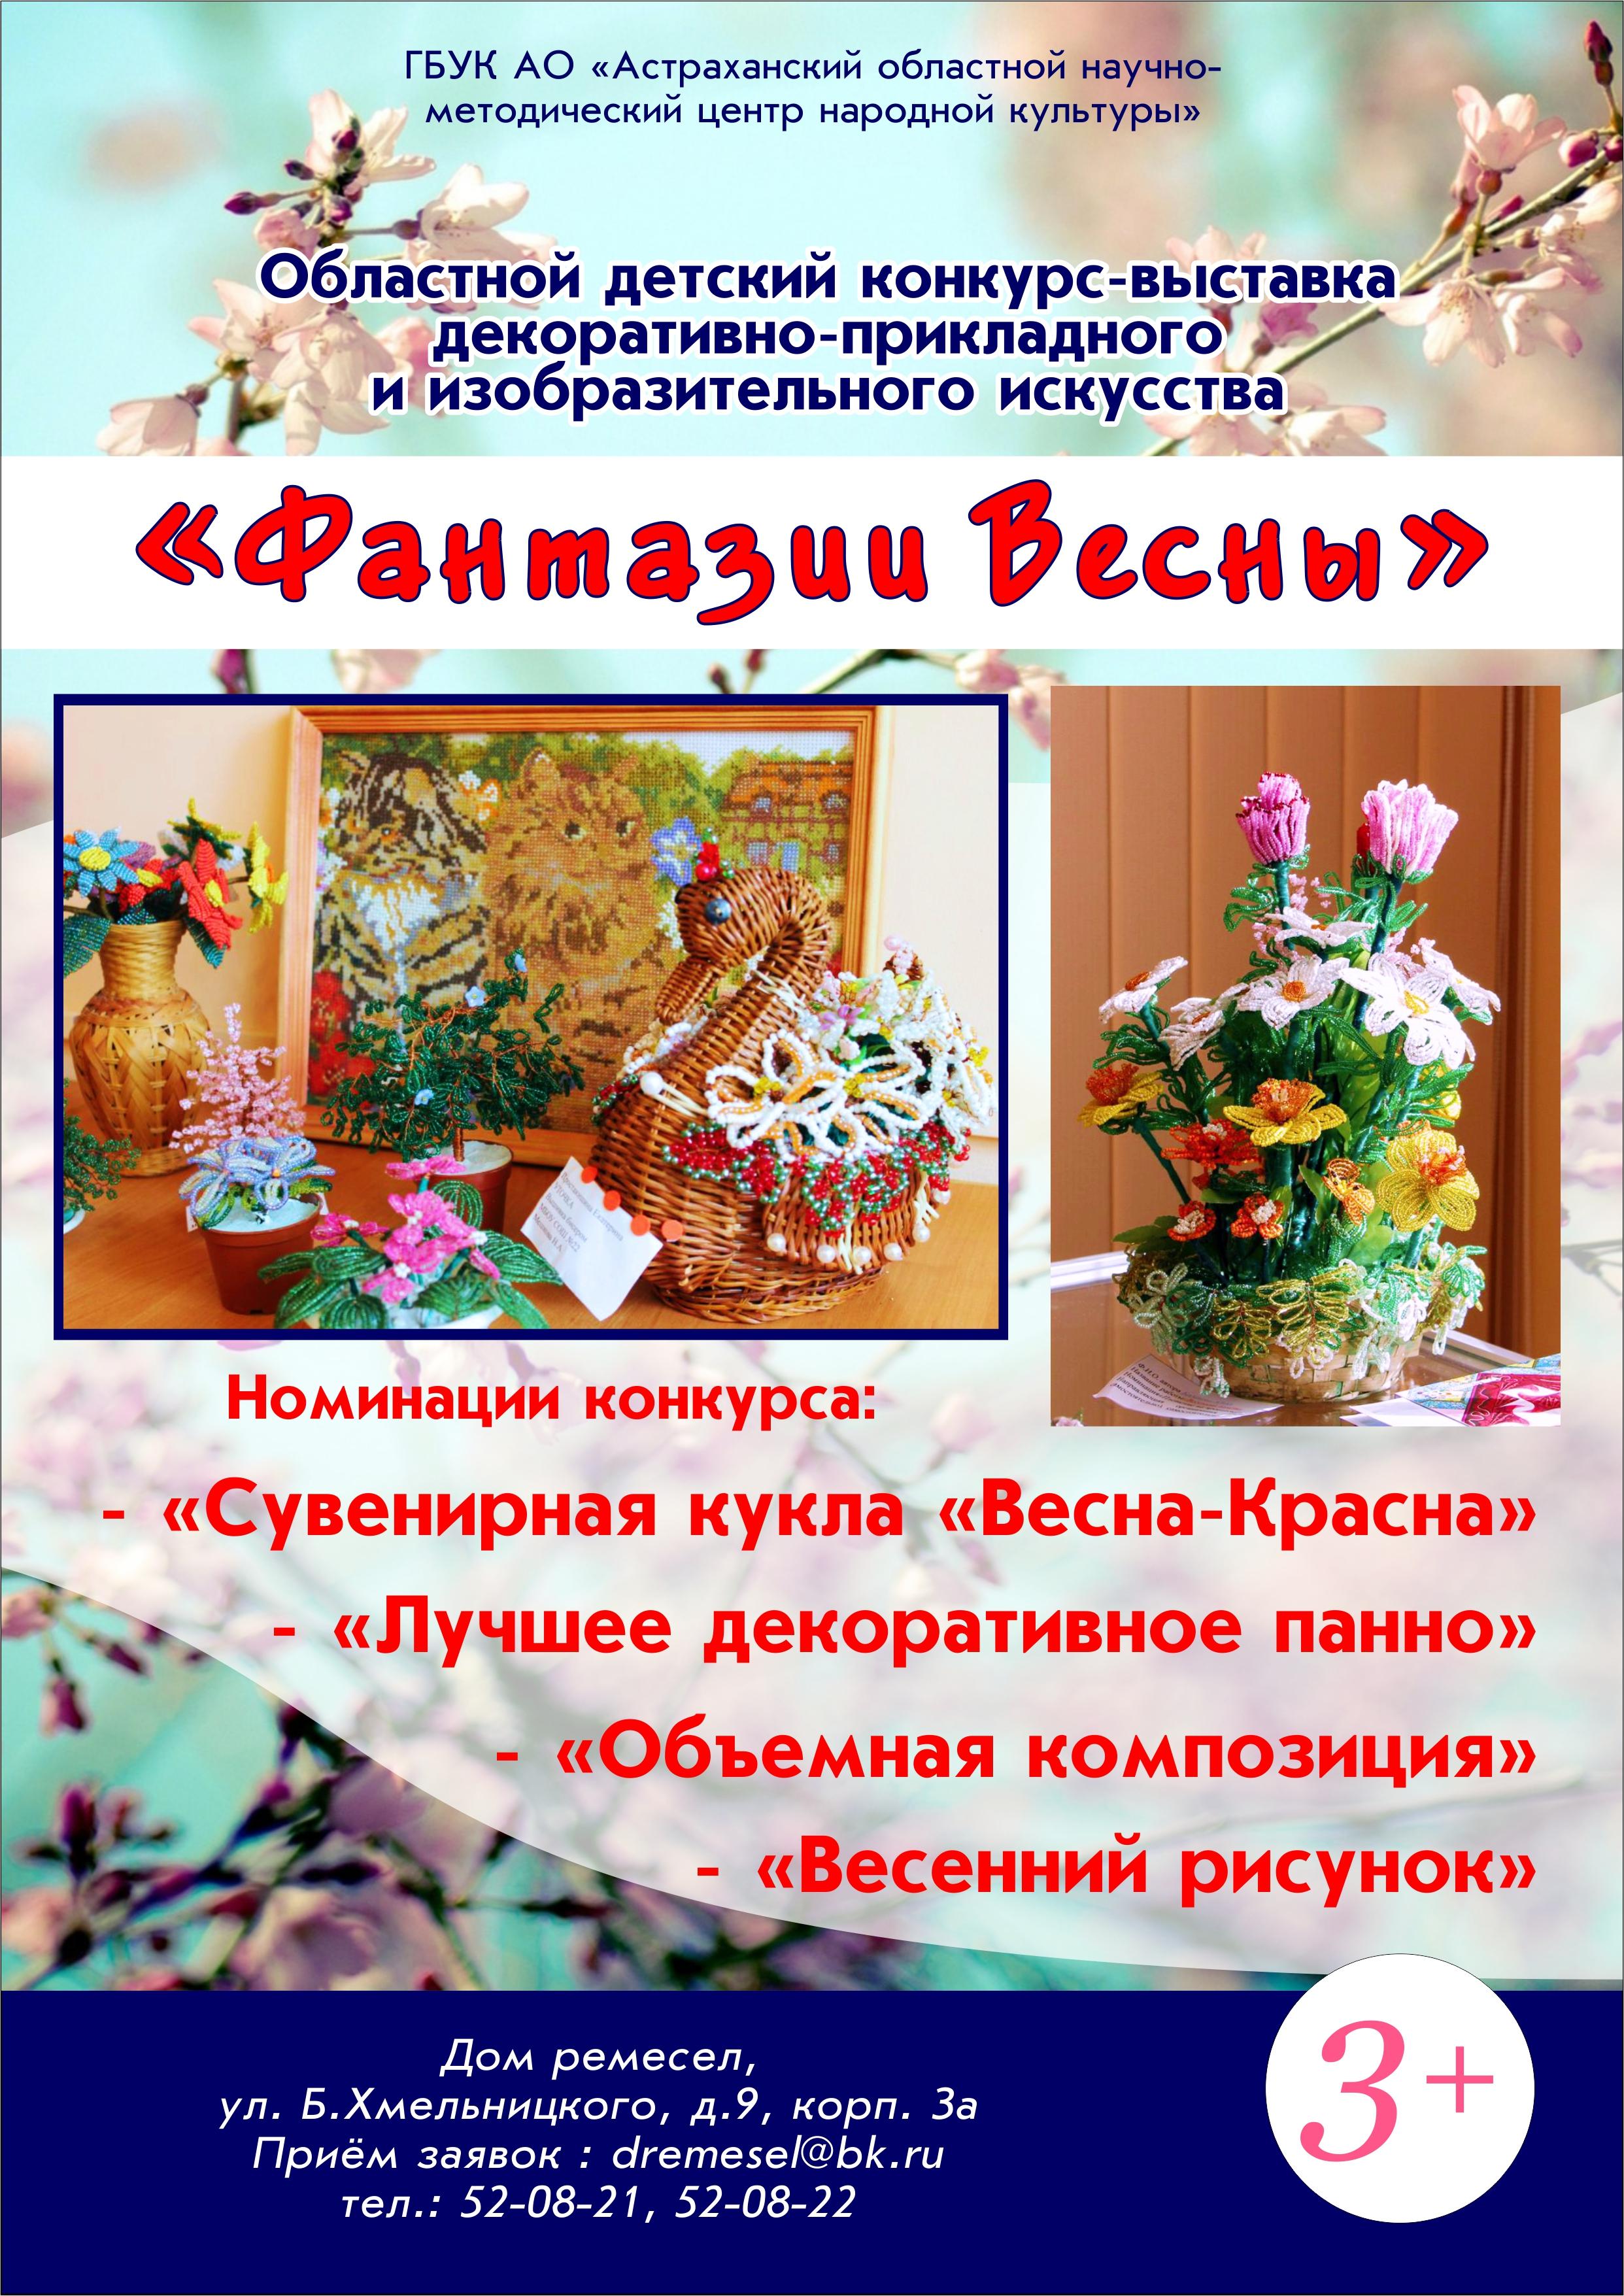 В Астрахани объявлен конкурс-выставка детского творчества «Фантазии Весны»